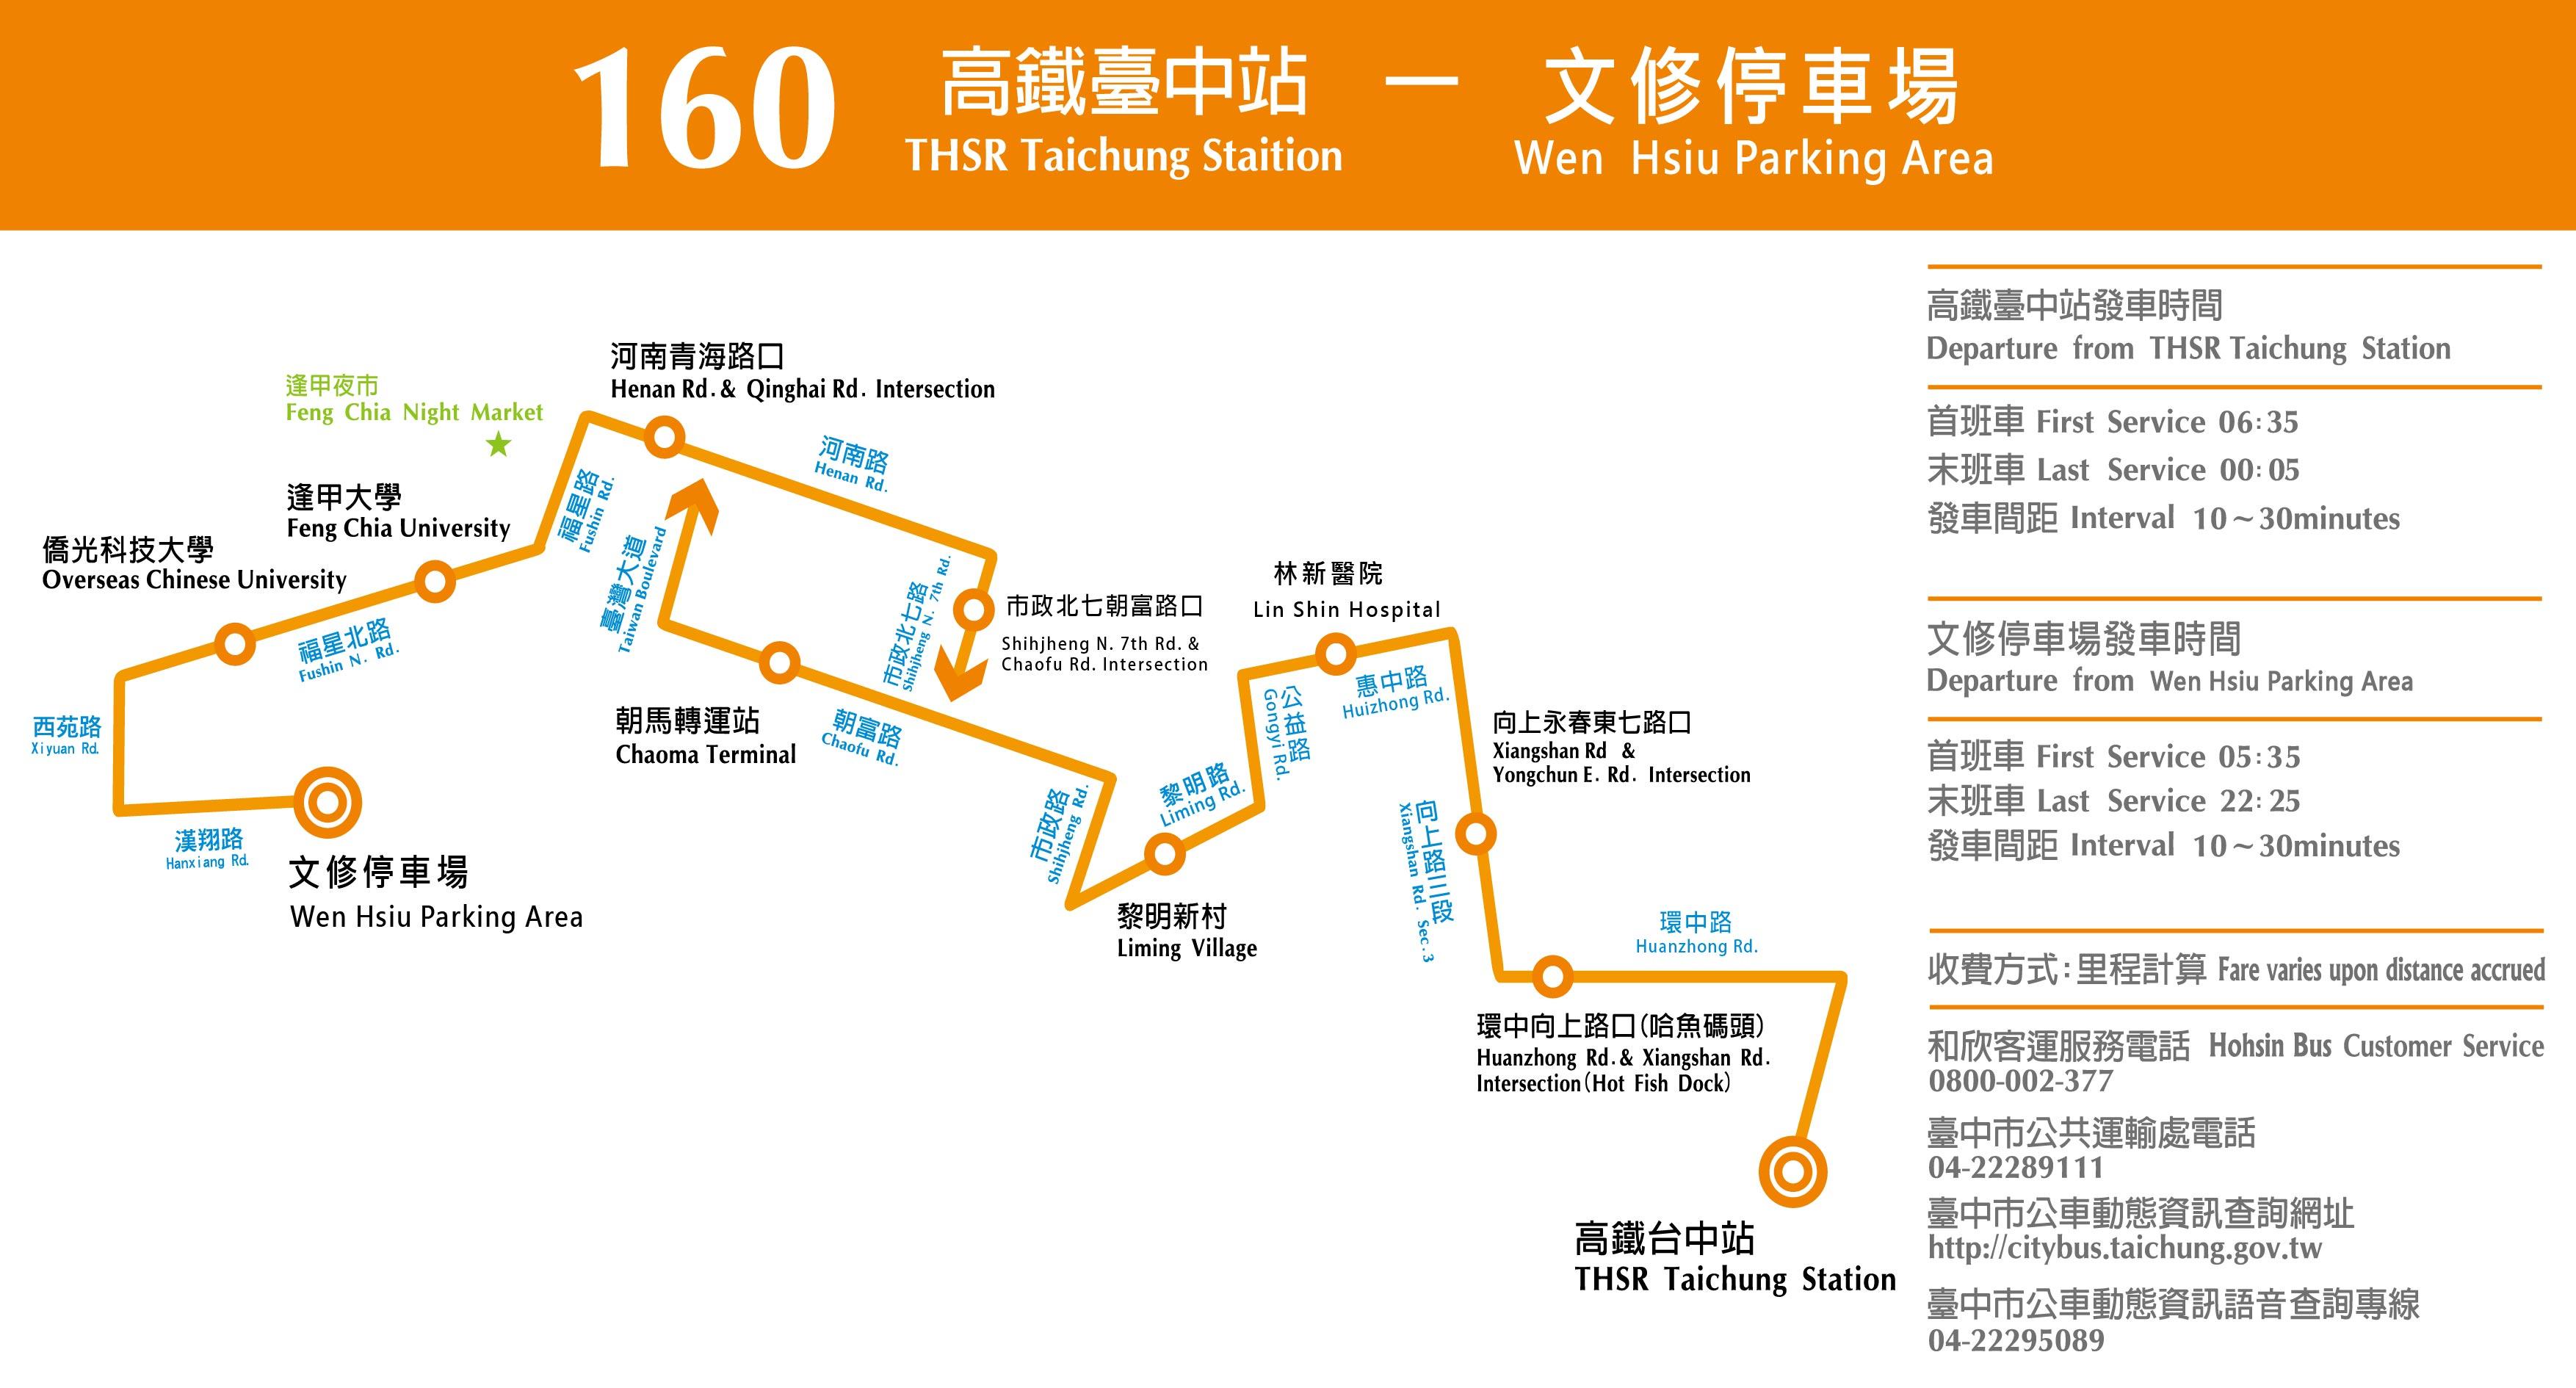 【和欣客運】160路 高鐵臺中站-文修停車場